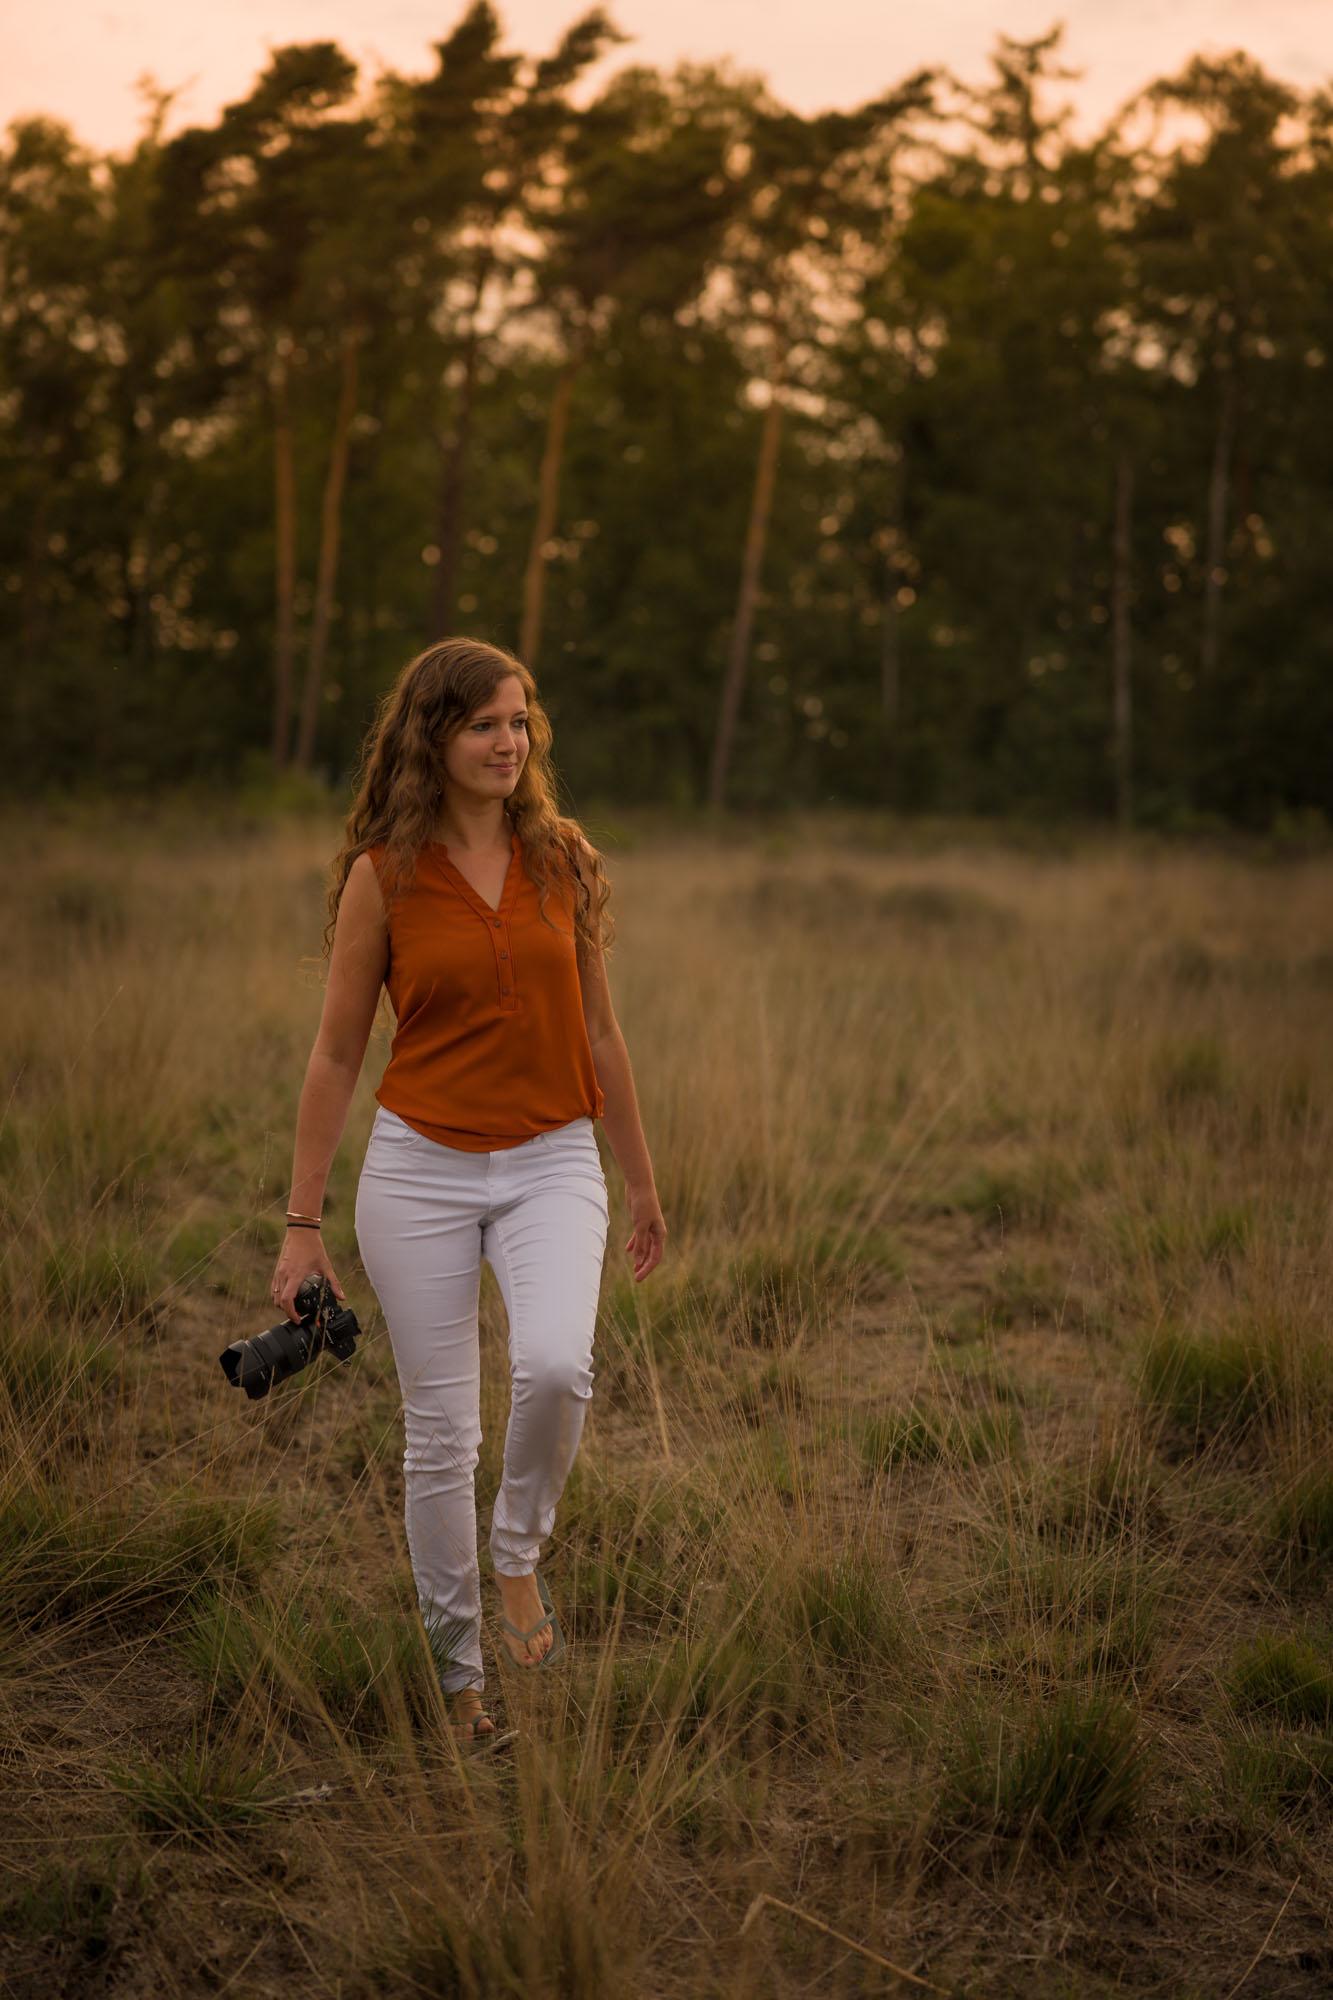 portret van fotografe tussen hoog gras tijdens gouden uur door mayrafotografie